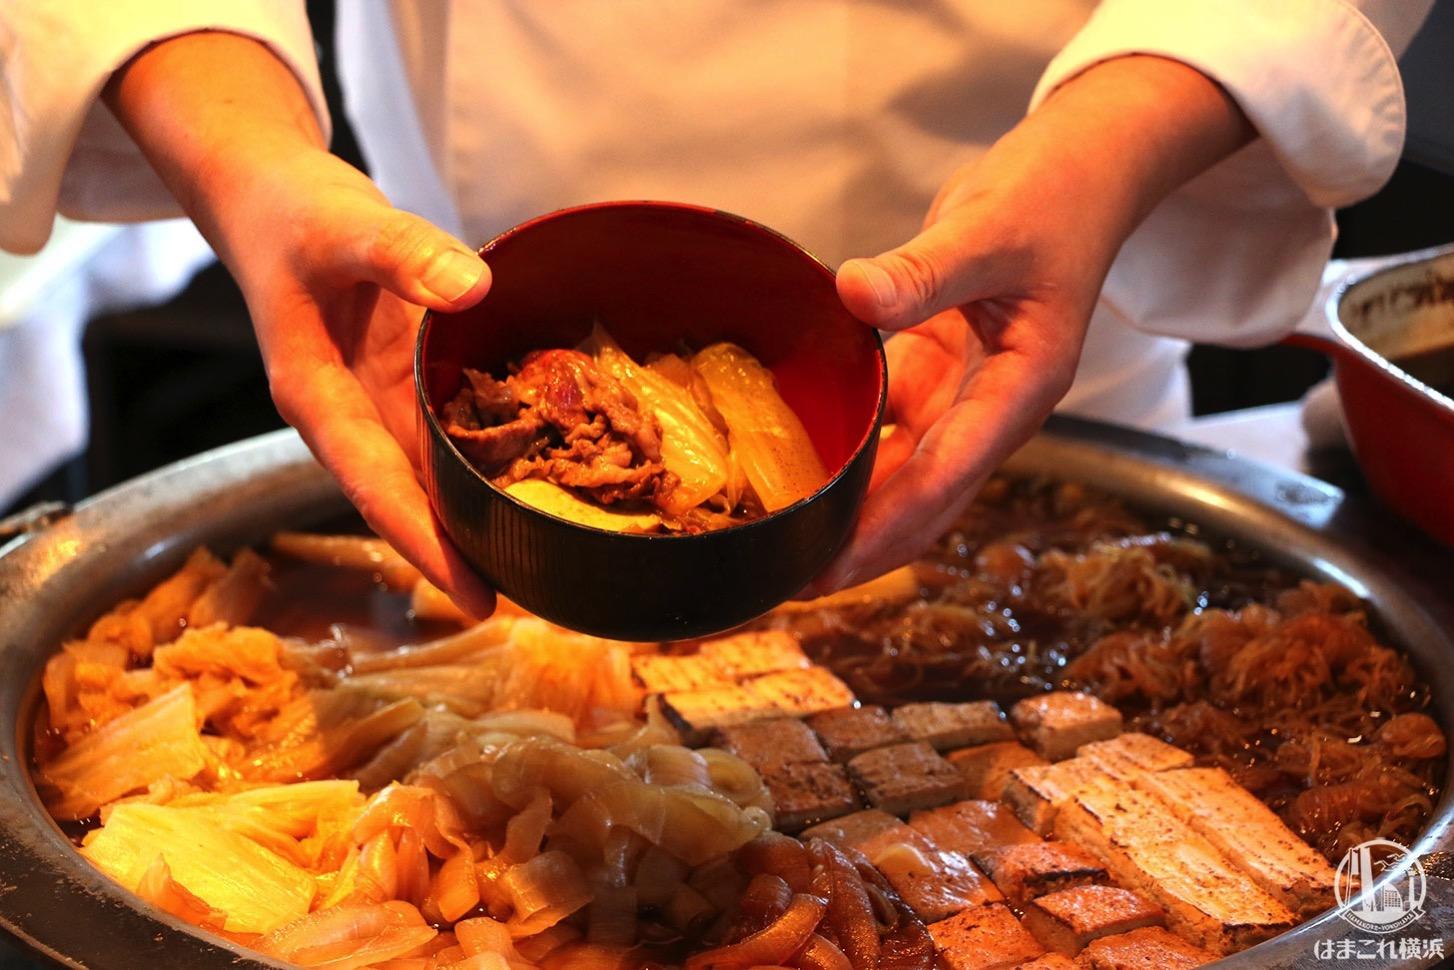 横浜ベイホテル東急「カフェ トスカ」でディナーブッフェ!神奈川・横浜の料理が楽しくおいしい